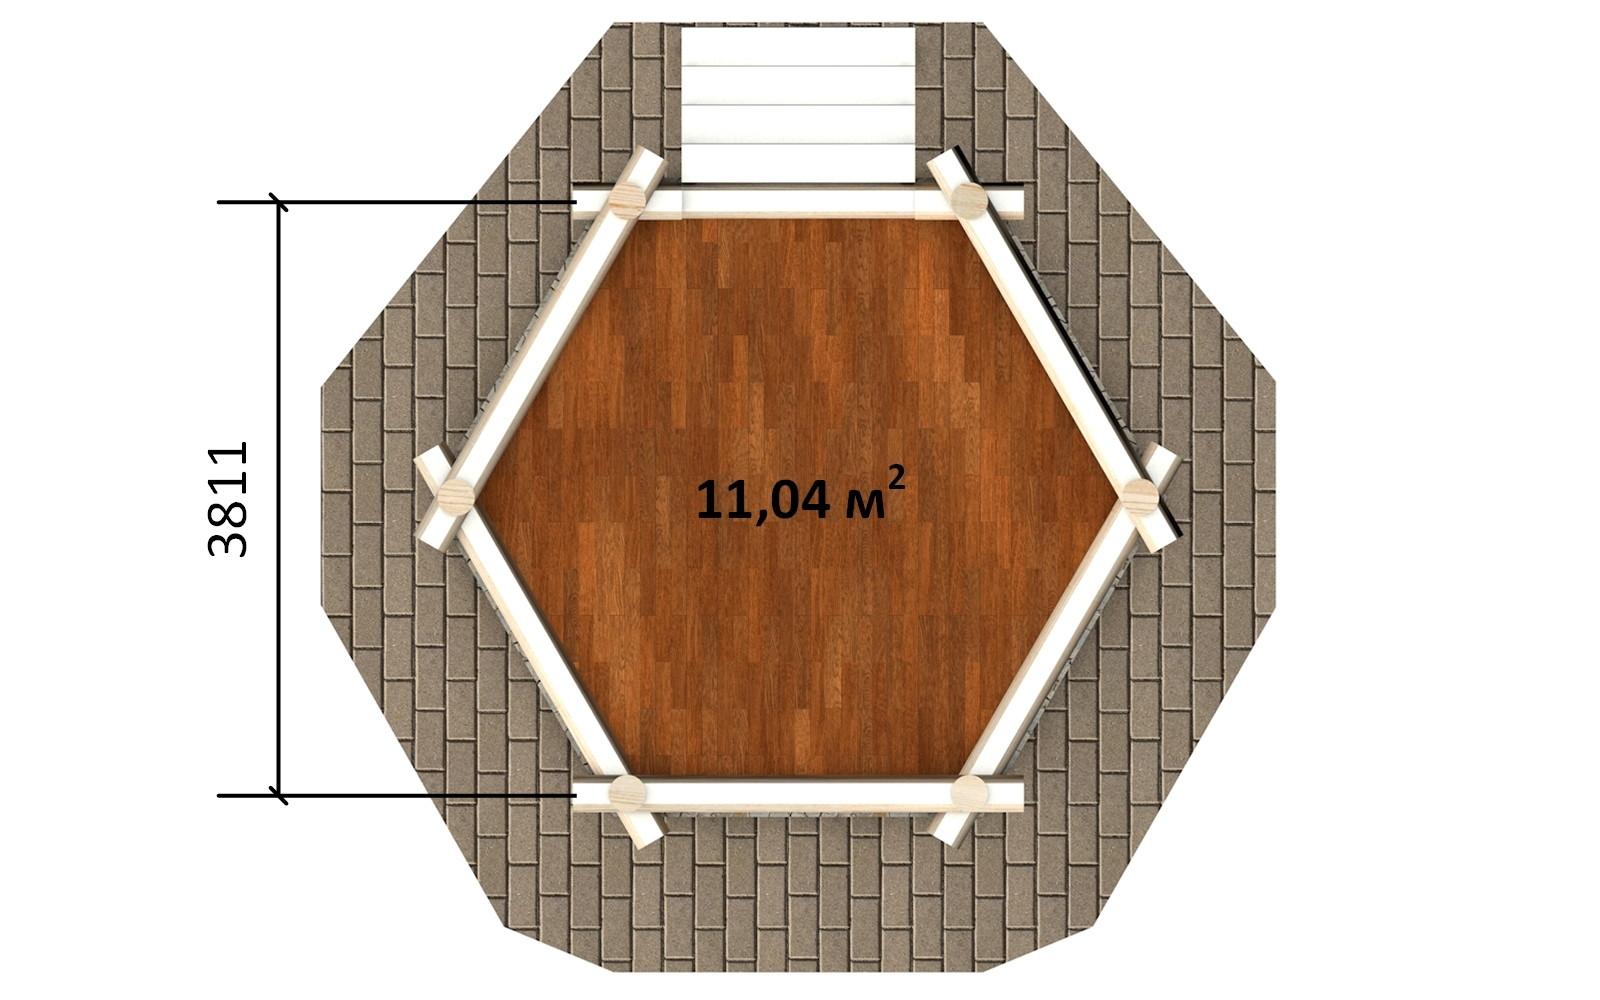 Фото #4: деревянная беседка БС-9 из бревна